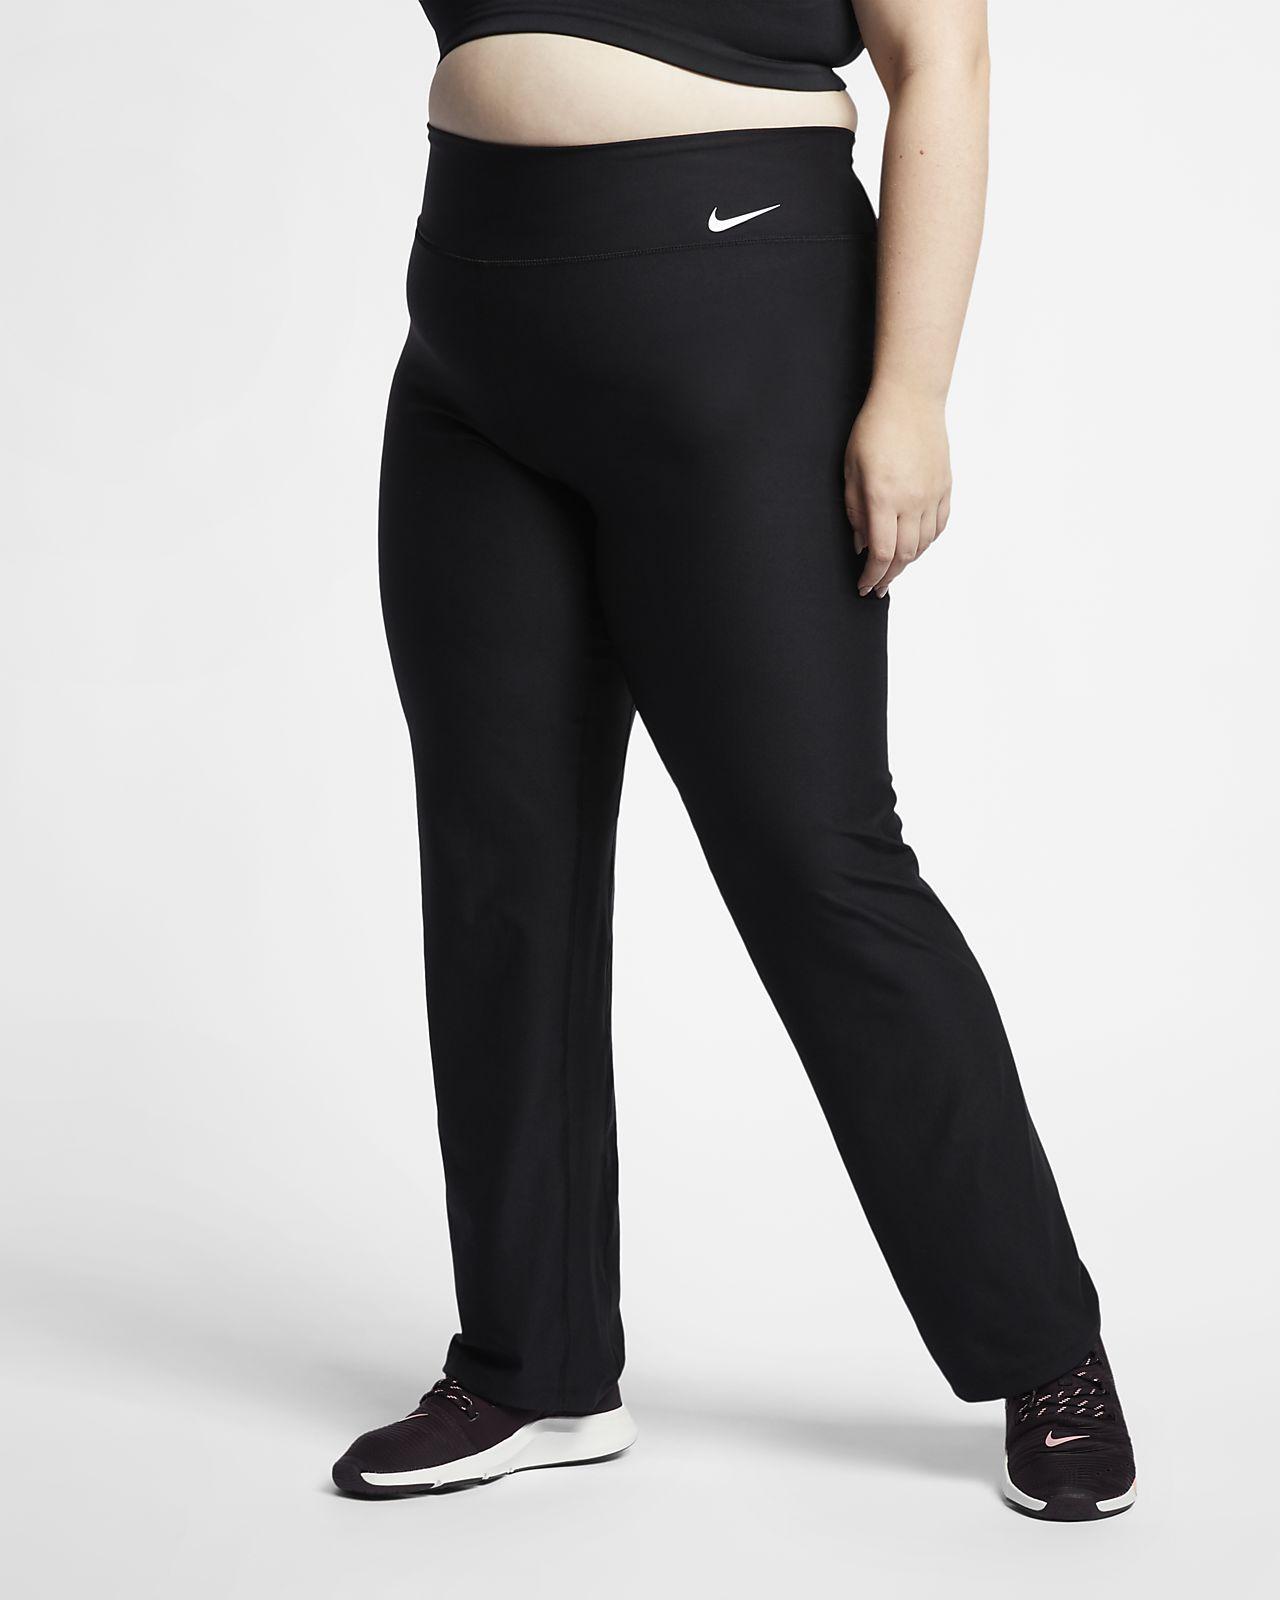 bbec7f74ccab1 Nike Power Women s Mid-Rise Training Pants (Plus Size). Nike.com